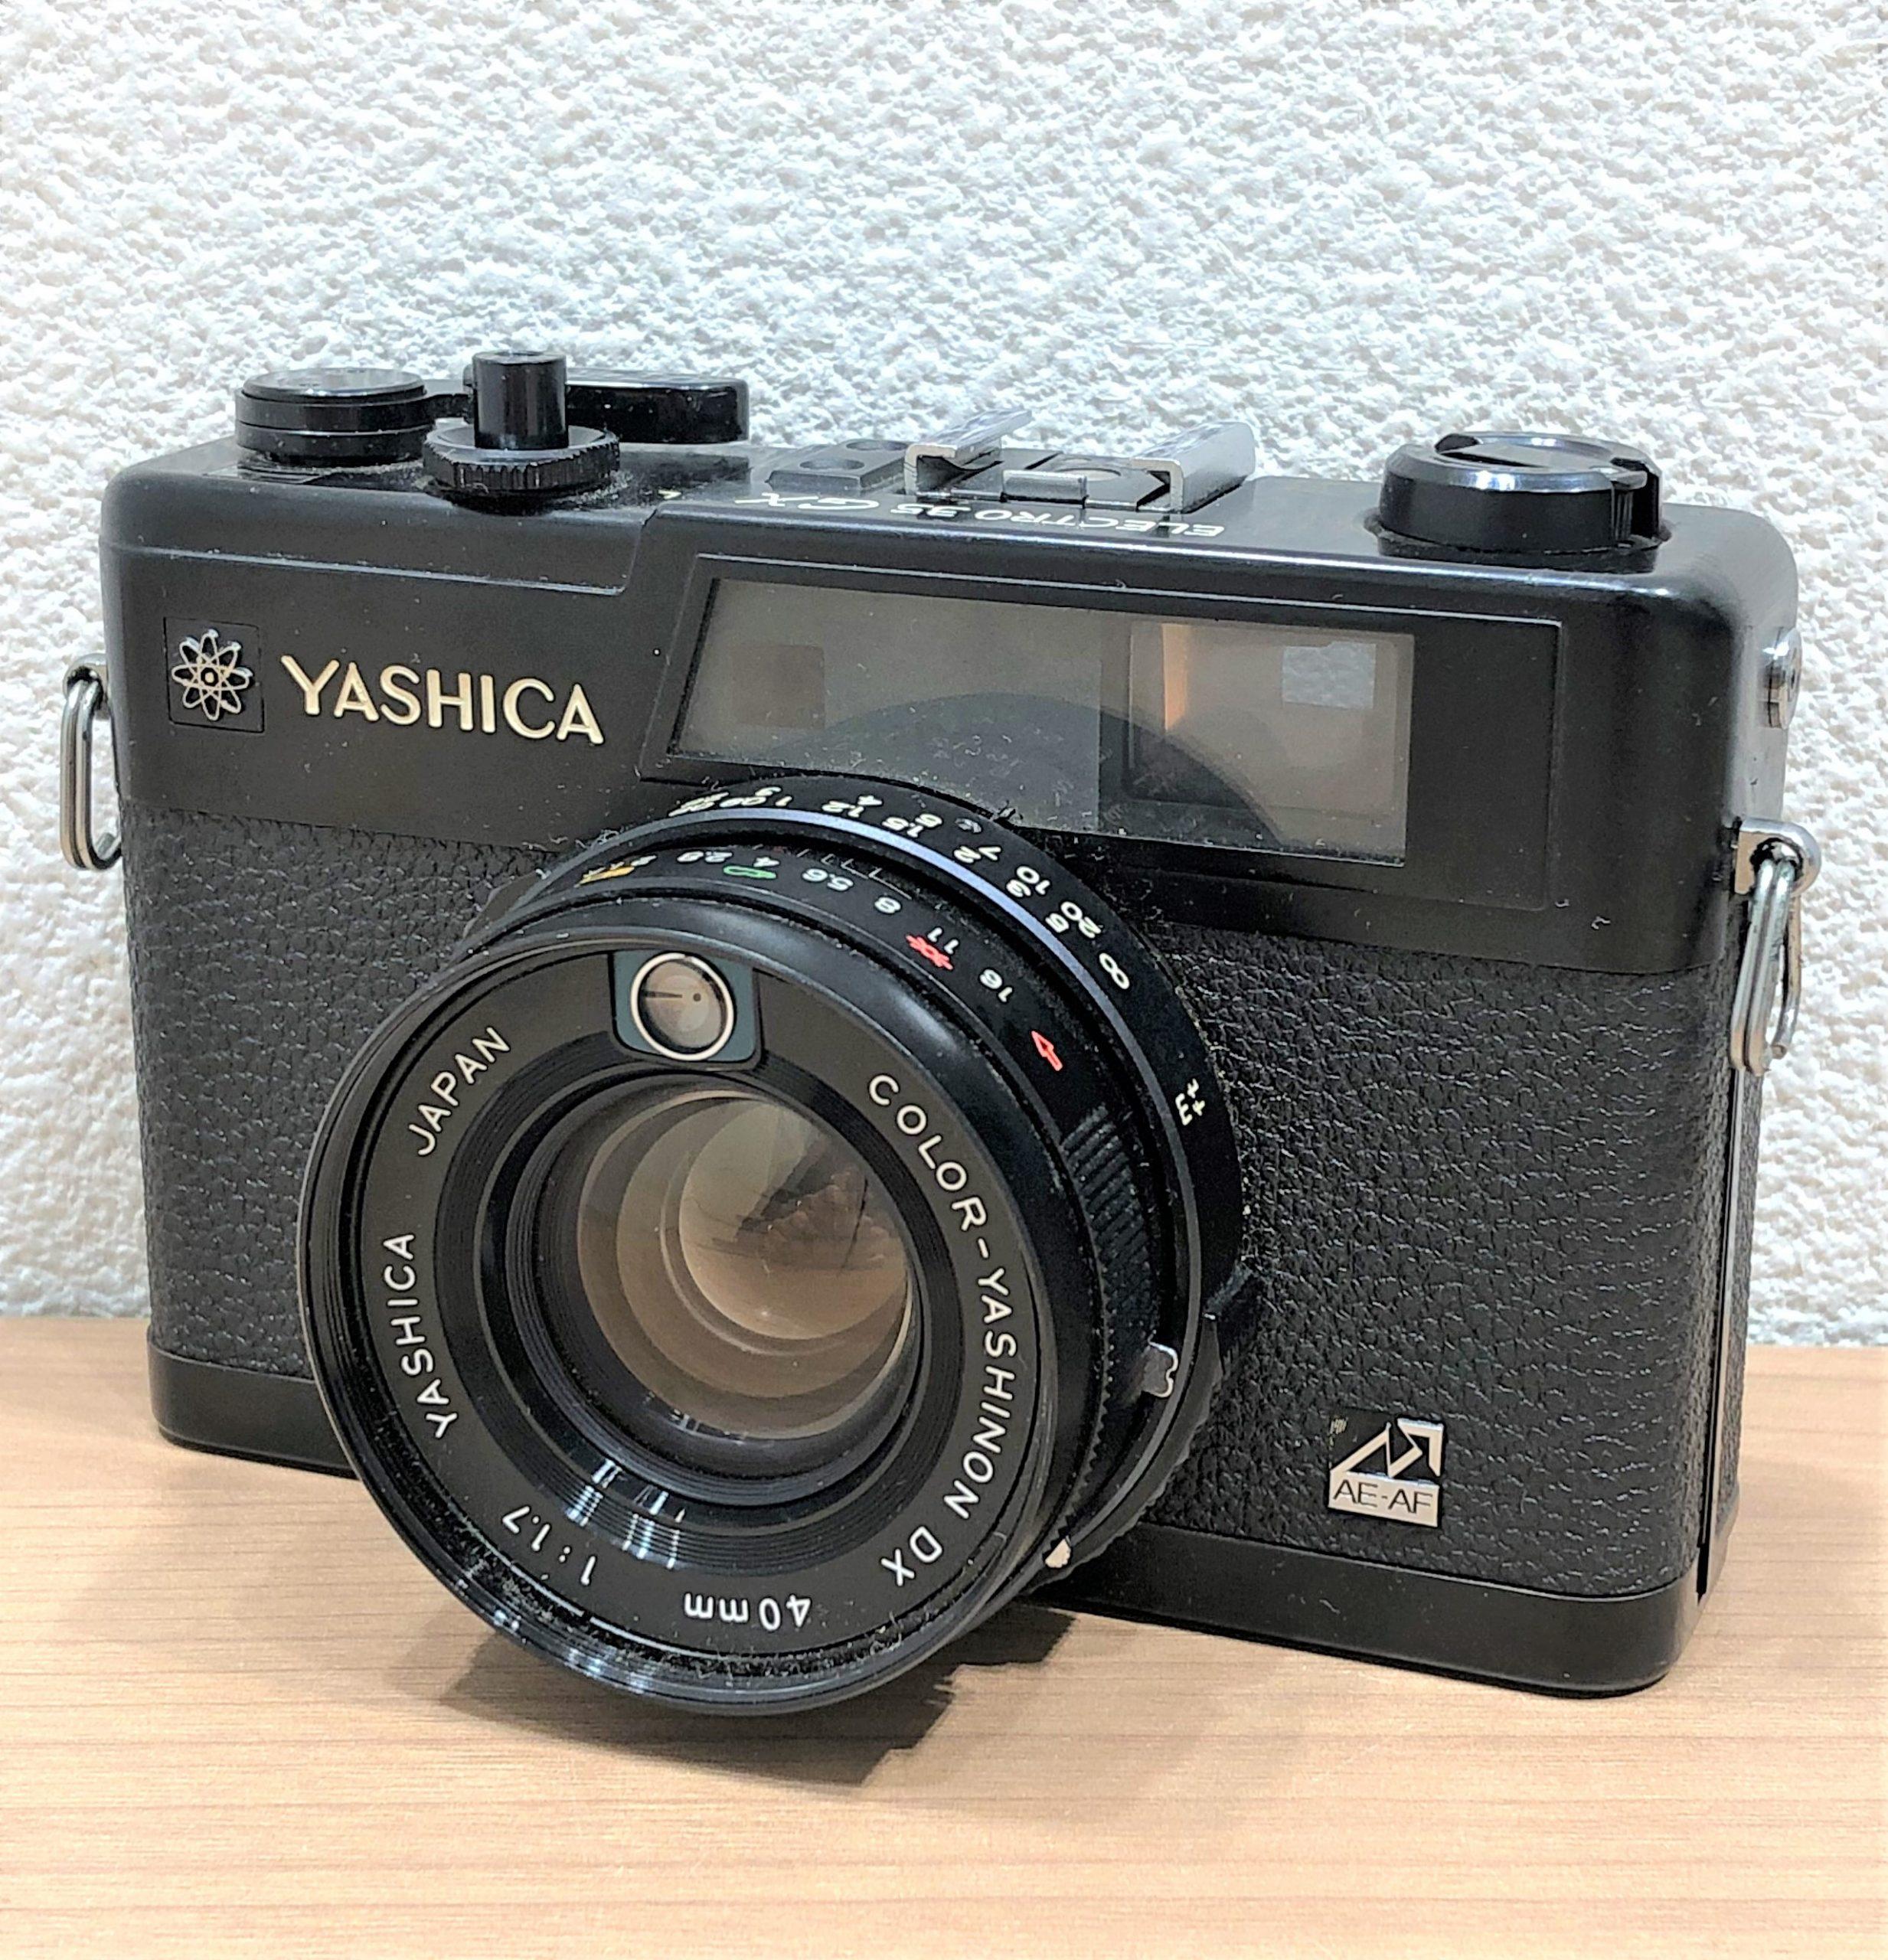 【YASHICA/ヤシカ】エレクトロ35 GX フィルムカメラ